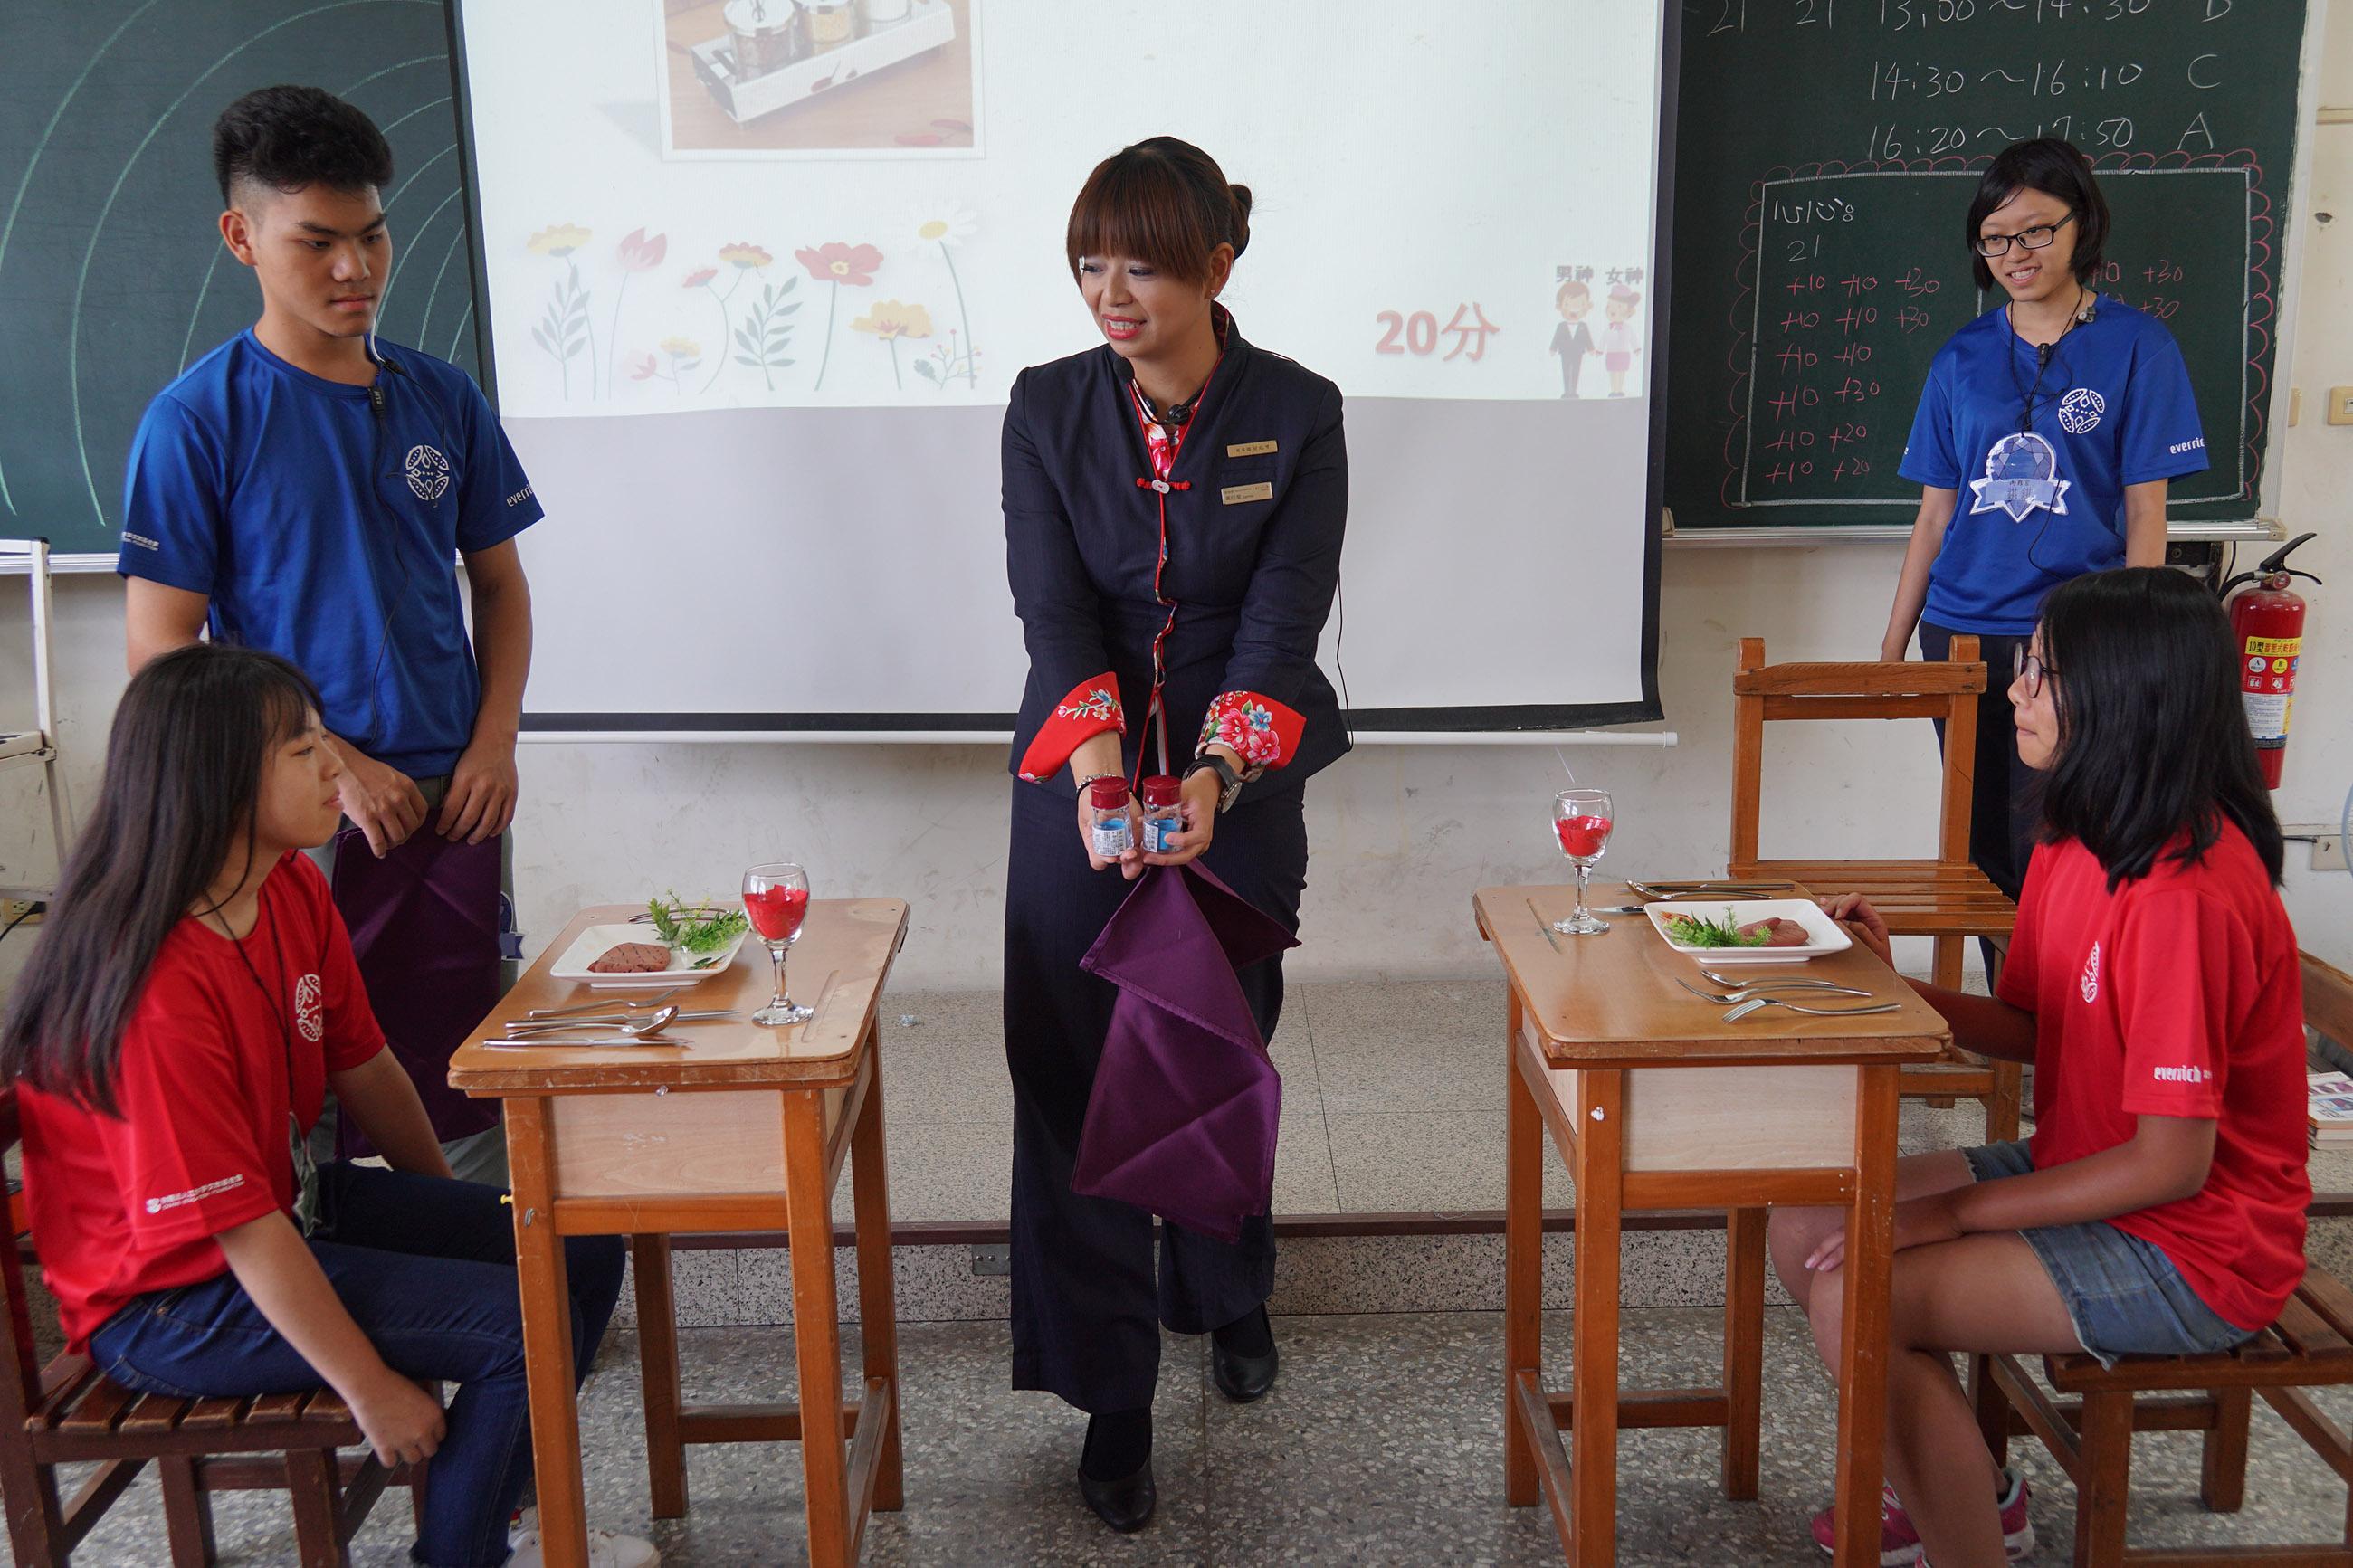 昇恆昌免稅商店志工化身專業講師,教導學員國際禮儀課程